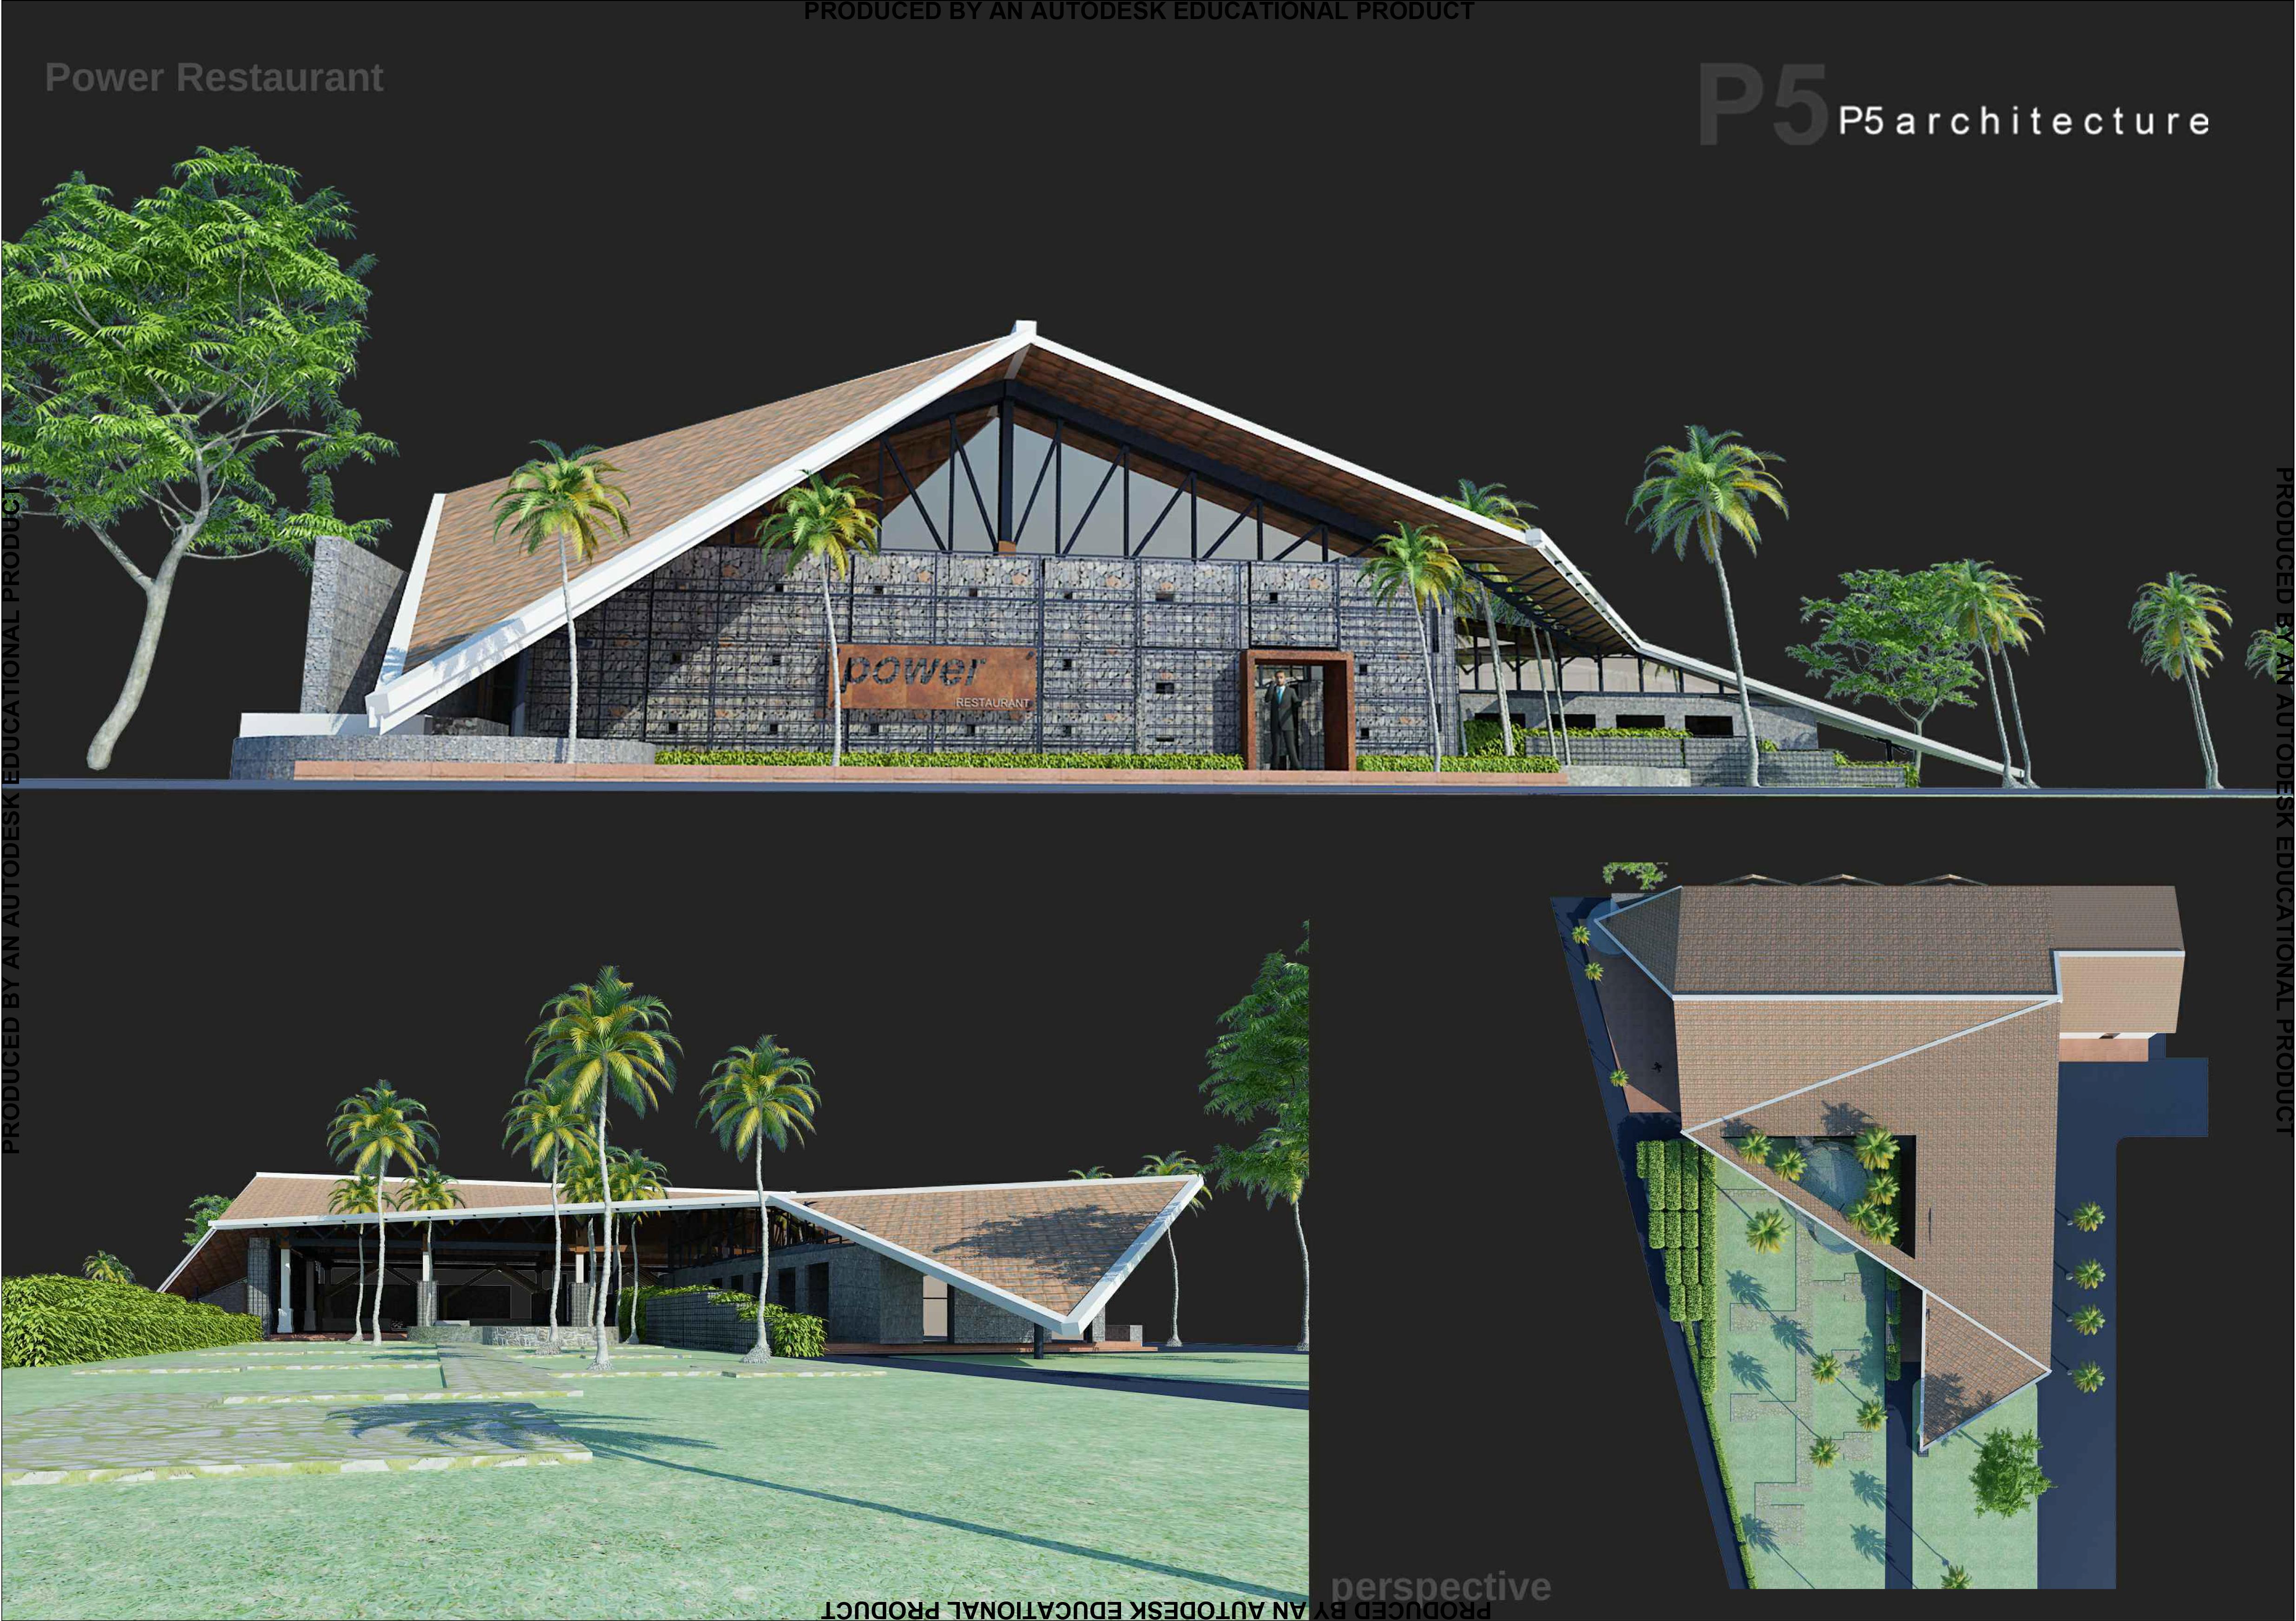 thiết kế Nhà Hàng tại Bắc Ninh POWER Restaurant 4 1563122794